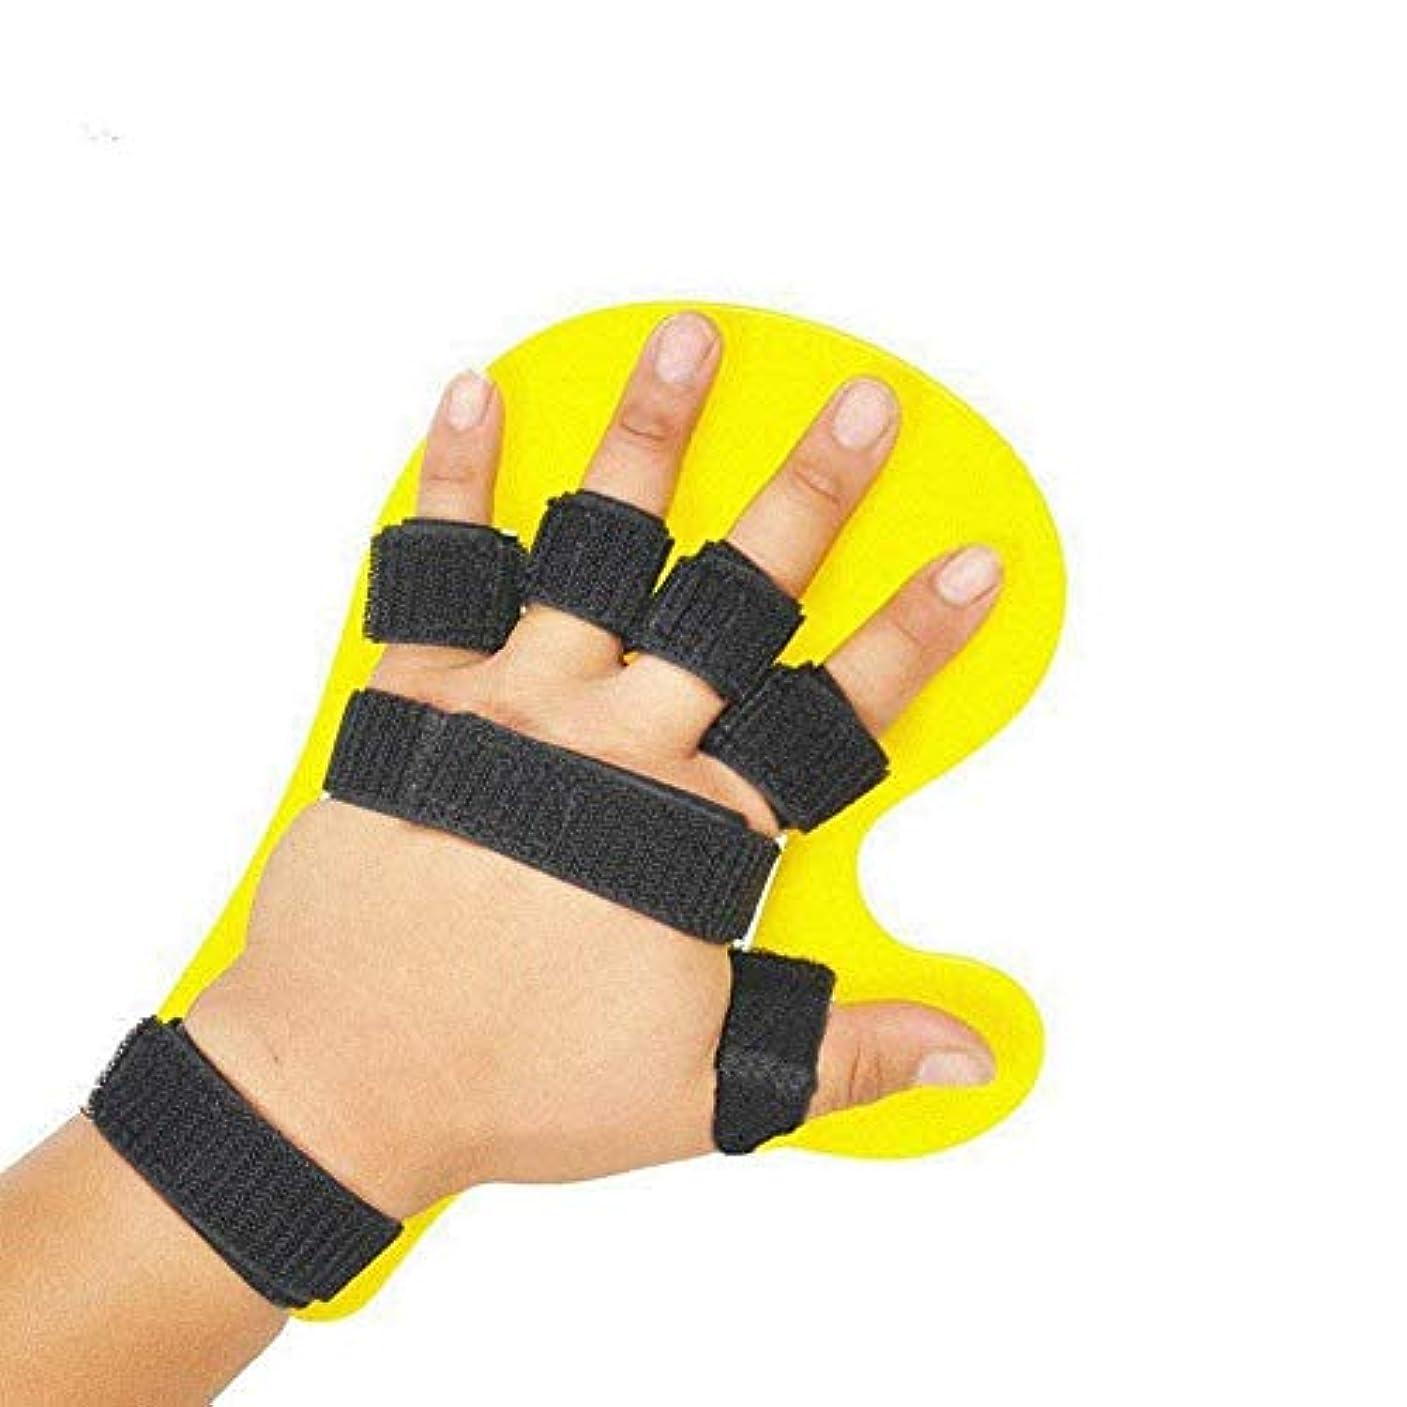 打撃レイアウト試みる片麻痺の患者を支援するためのトリガー指スプリント、指板ハンドトレーニングABS調整可能な指リハビリ,2PCS